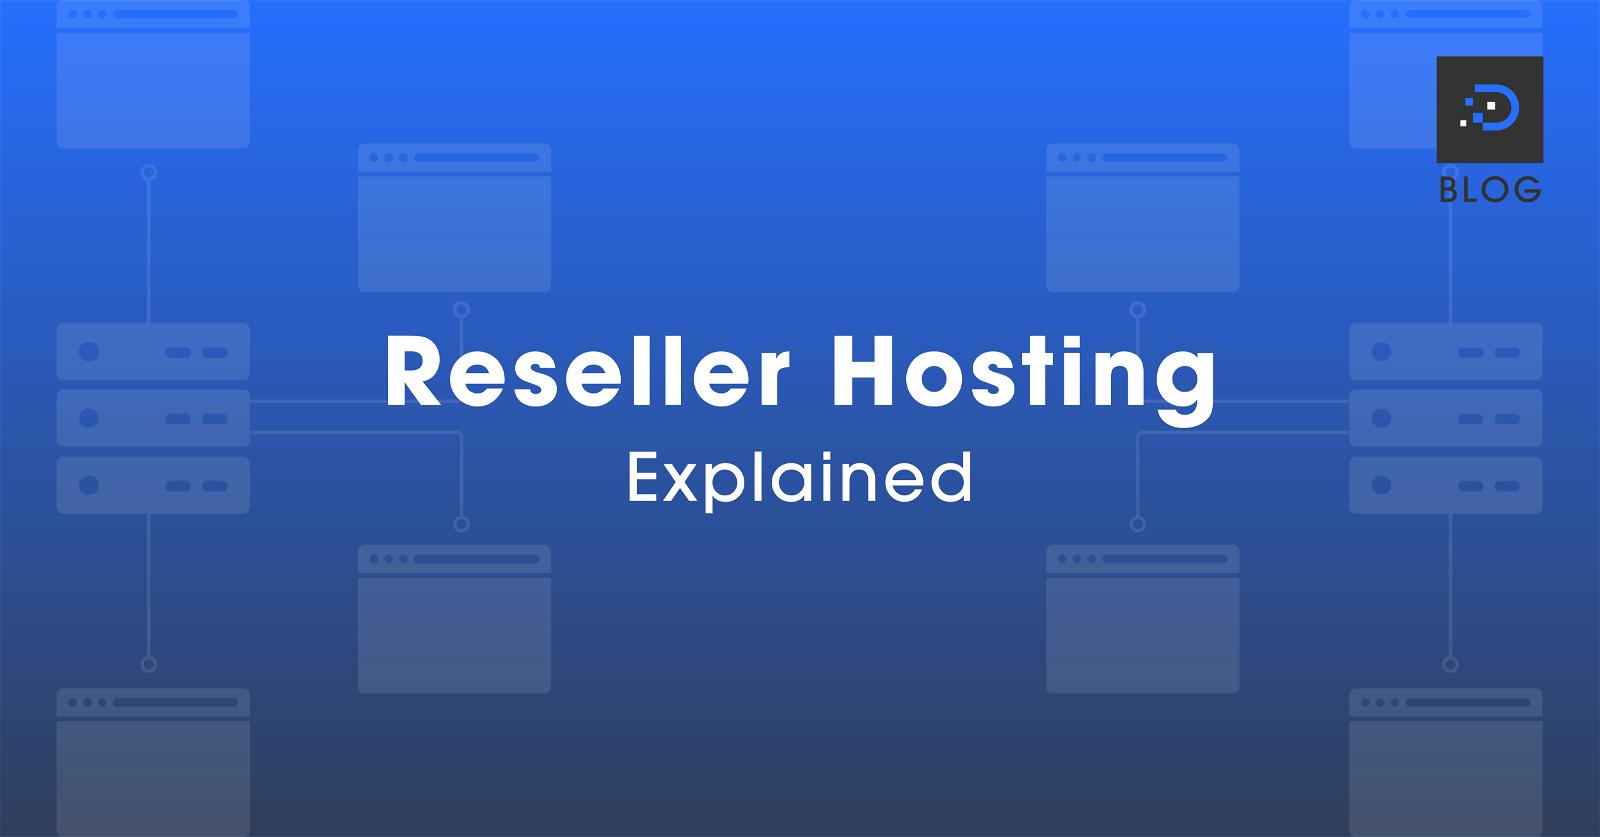 Reseller Hosting Explained